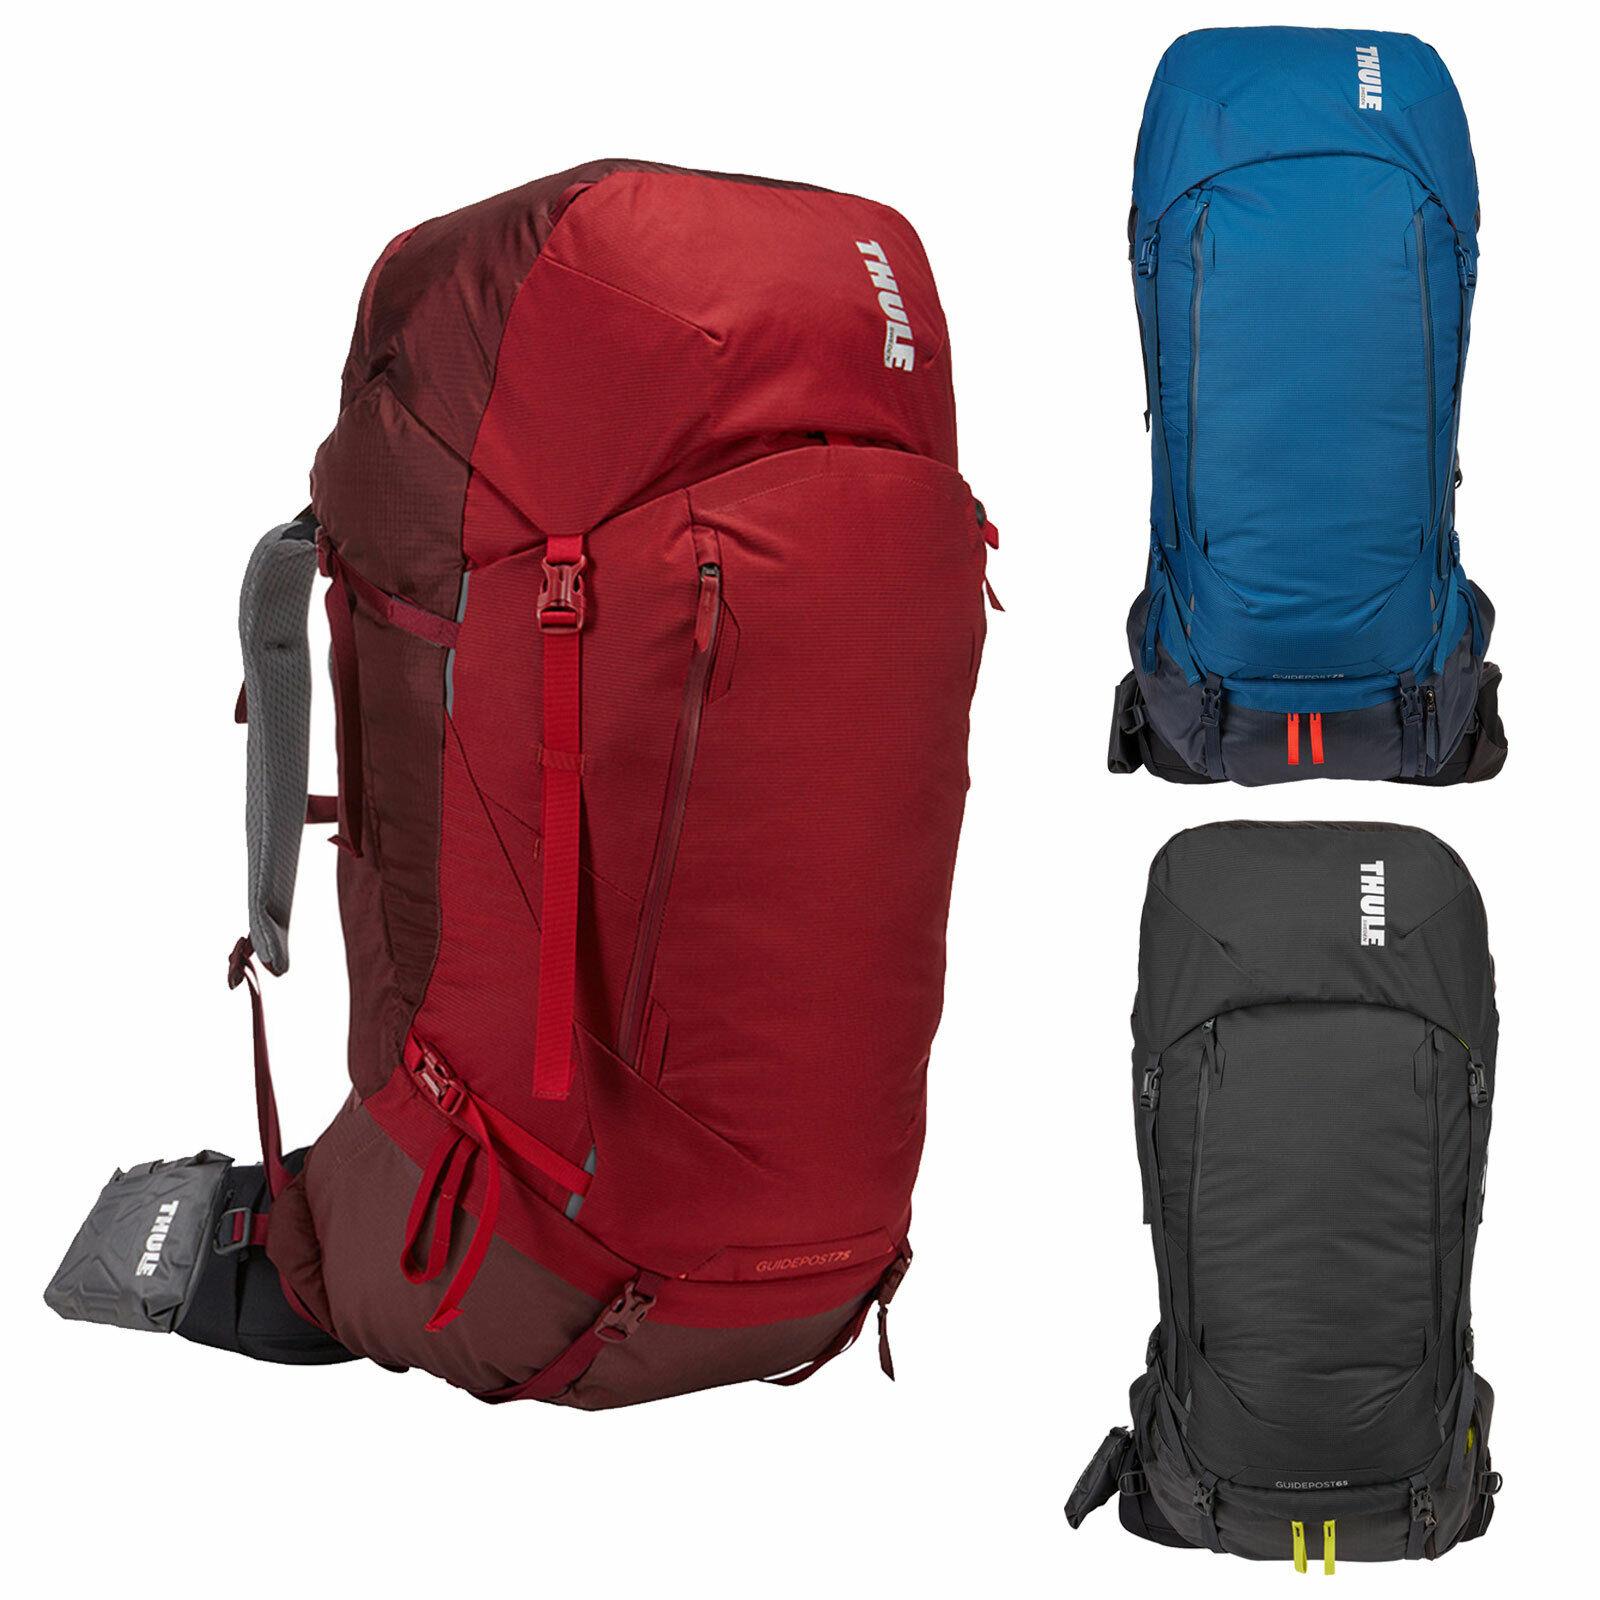 Thule Guidepost 65l Hiking Men's Backpack Poseidon for sale online   eBay